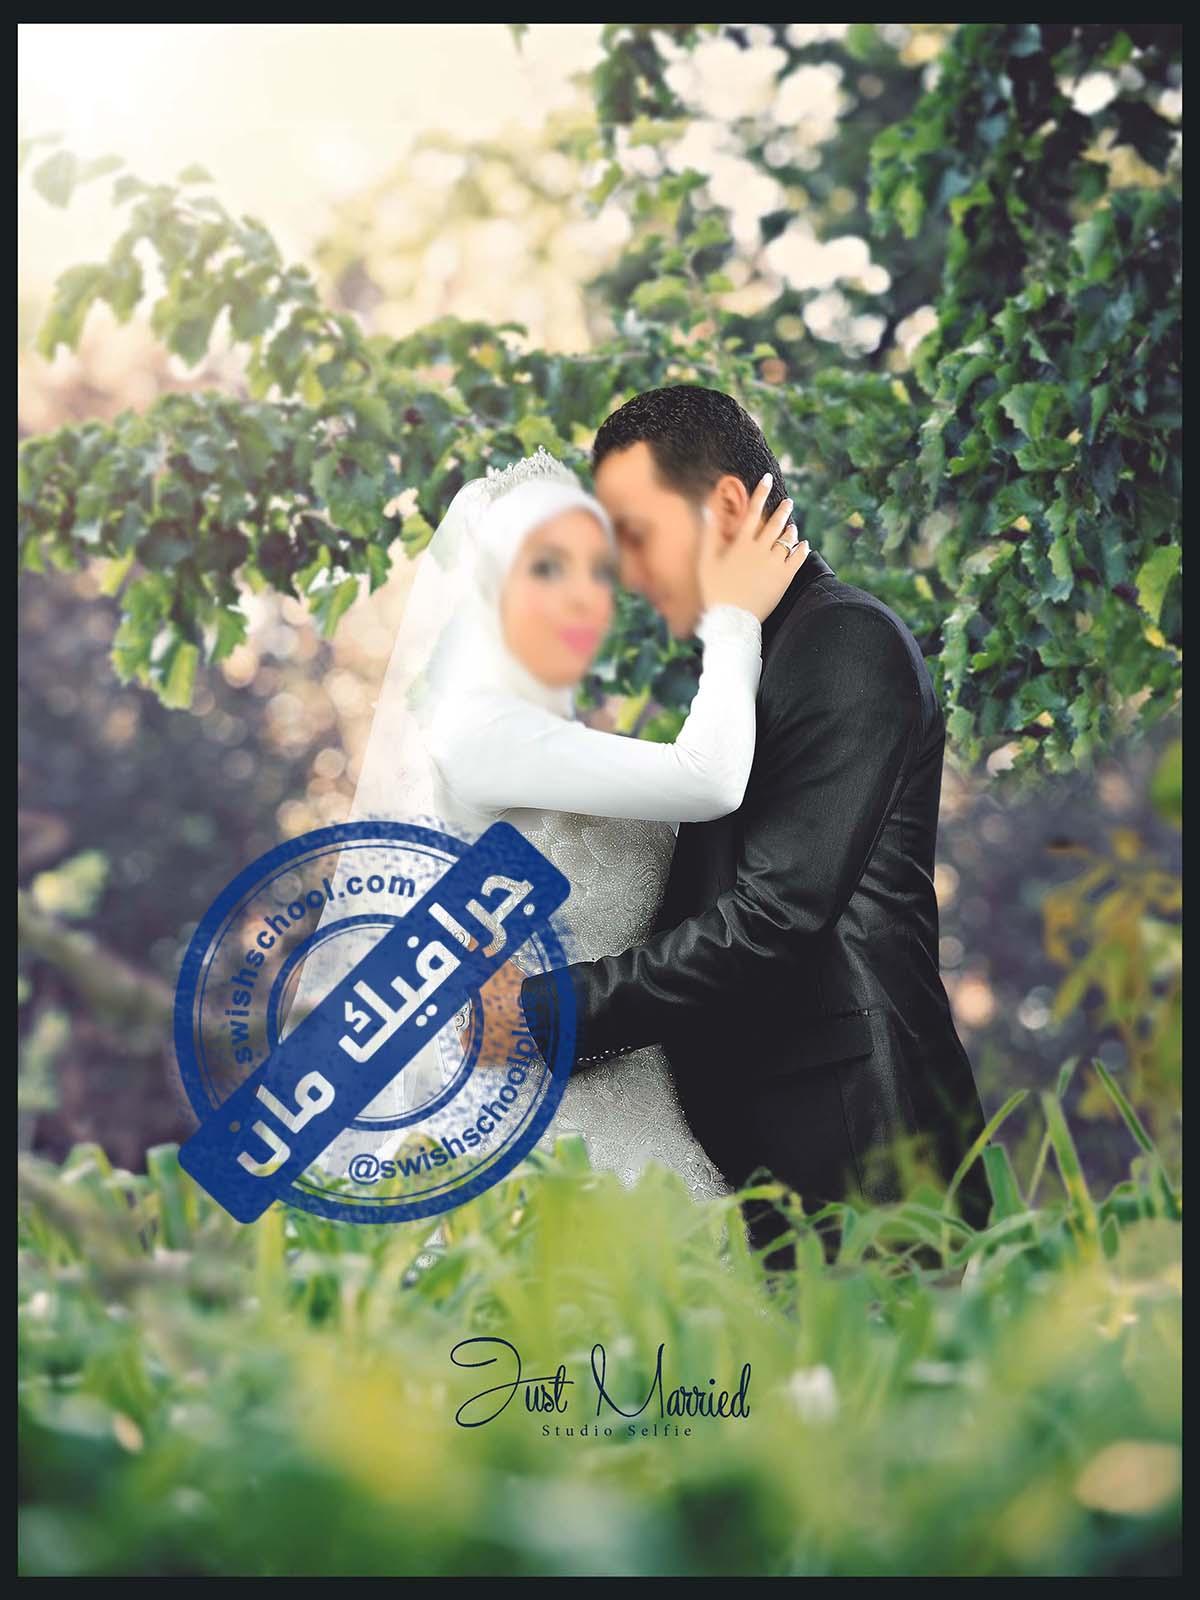 خلفيات عرائس رومانسيه 2 psd 3 خلفيات عرايس رومانسيه psd للزفاف الجزء الثاني